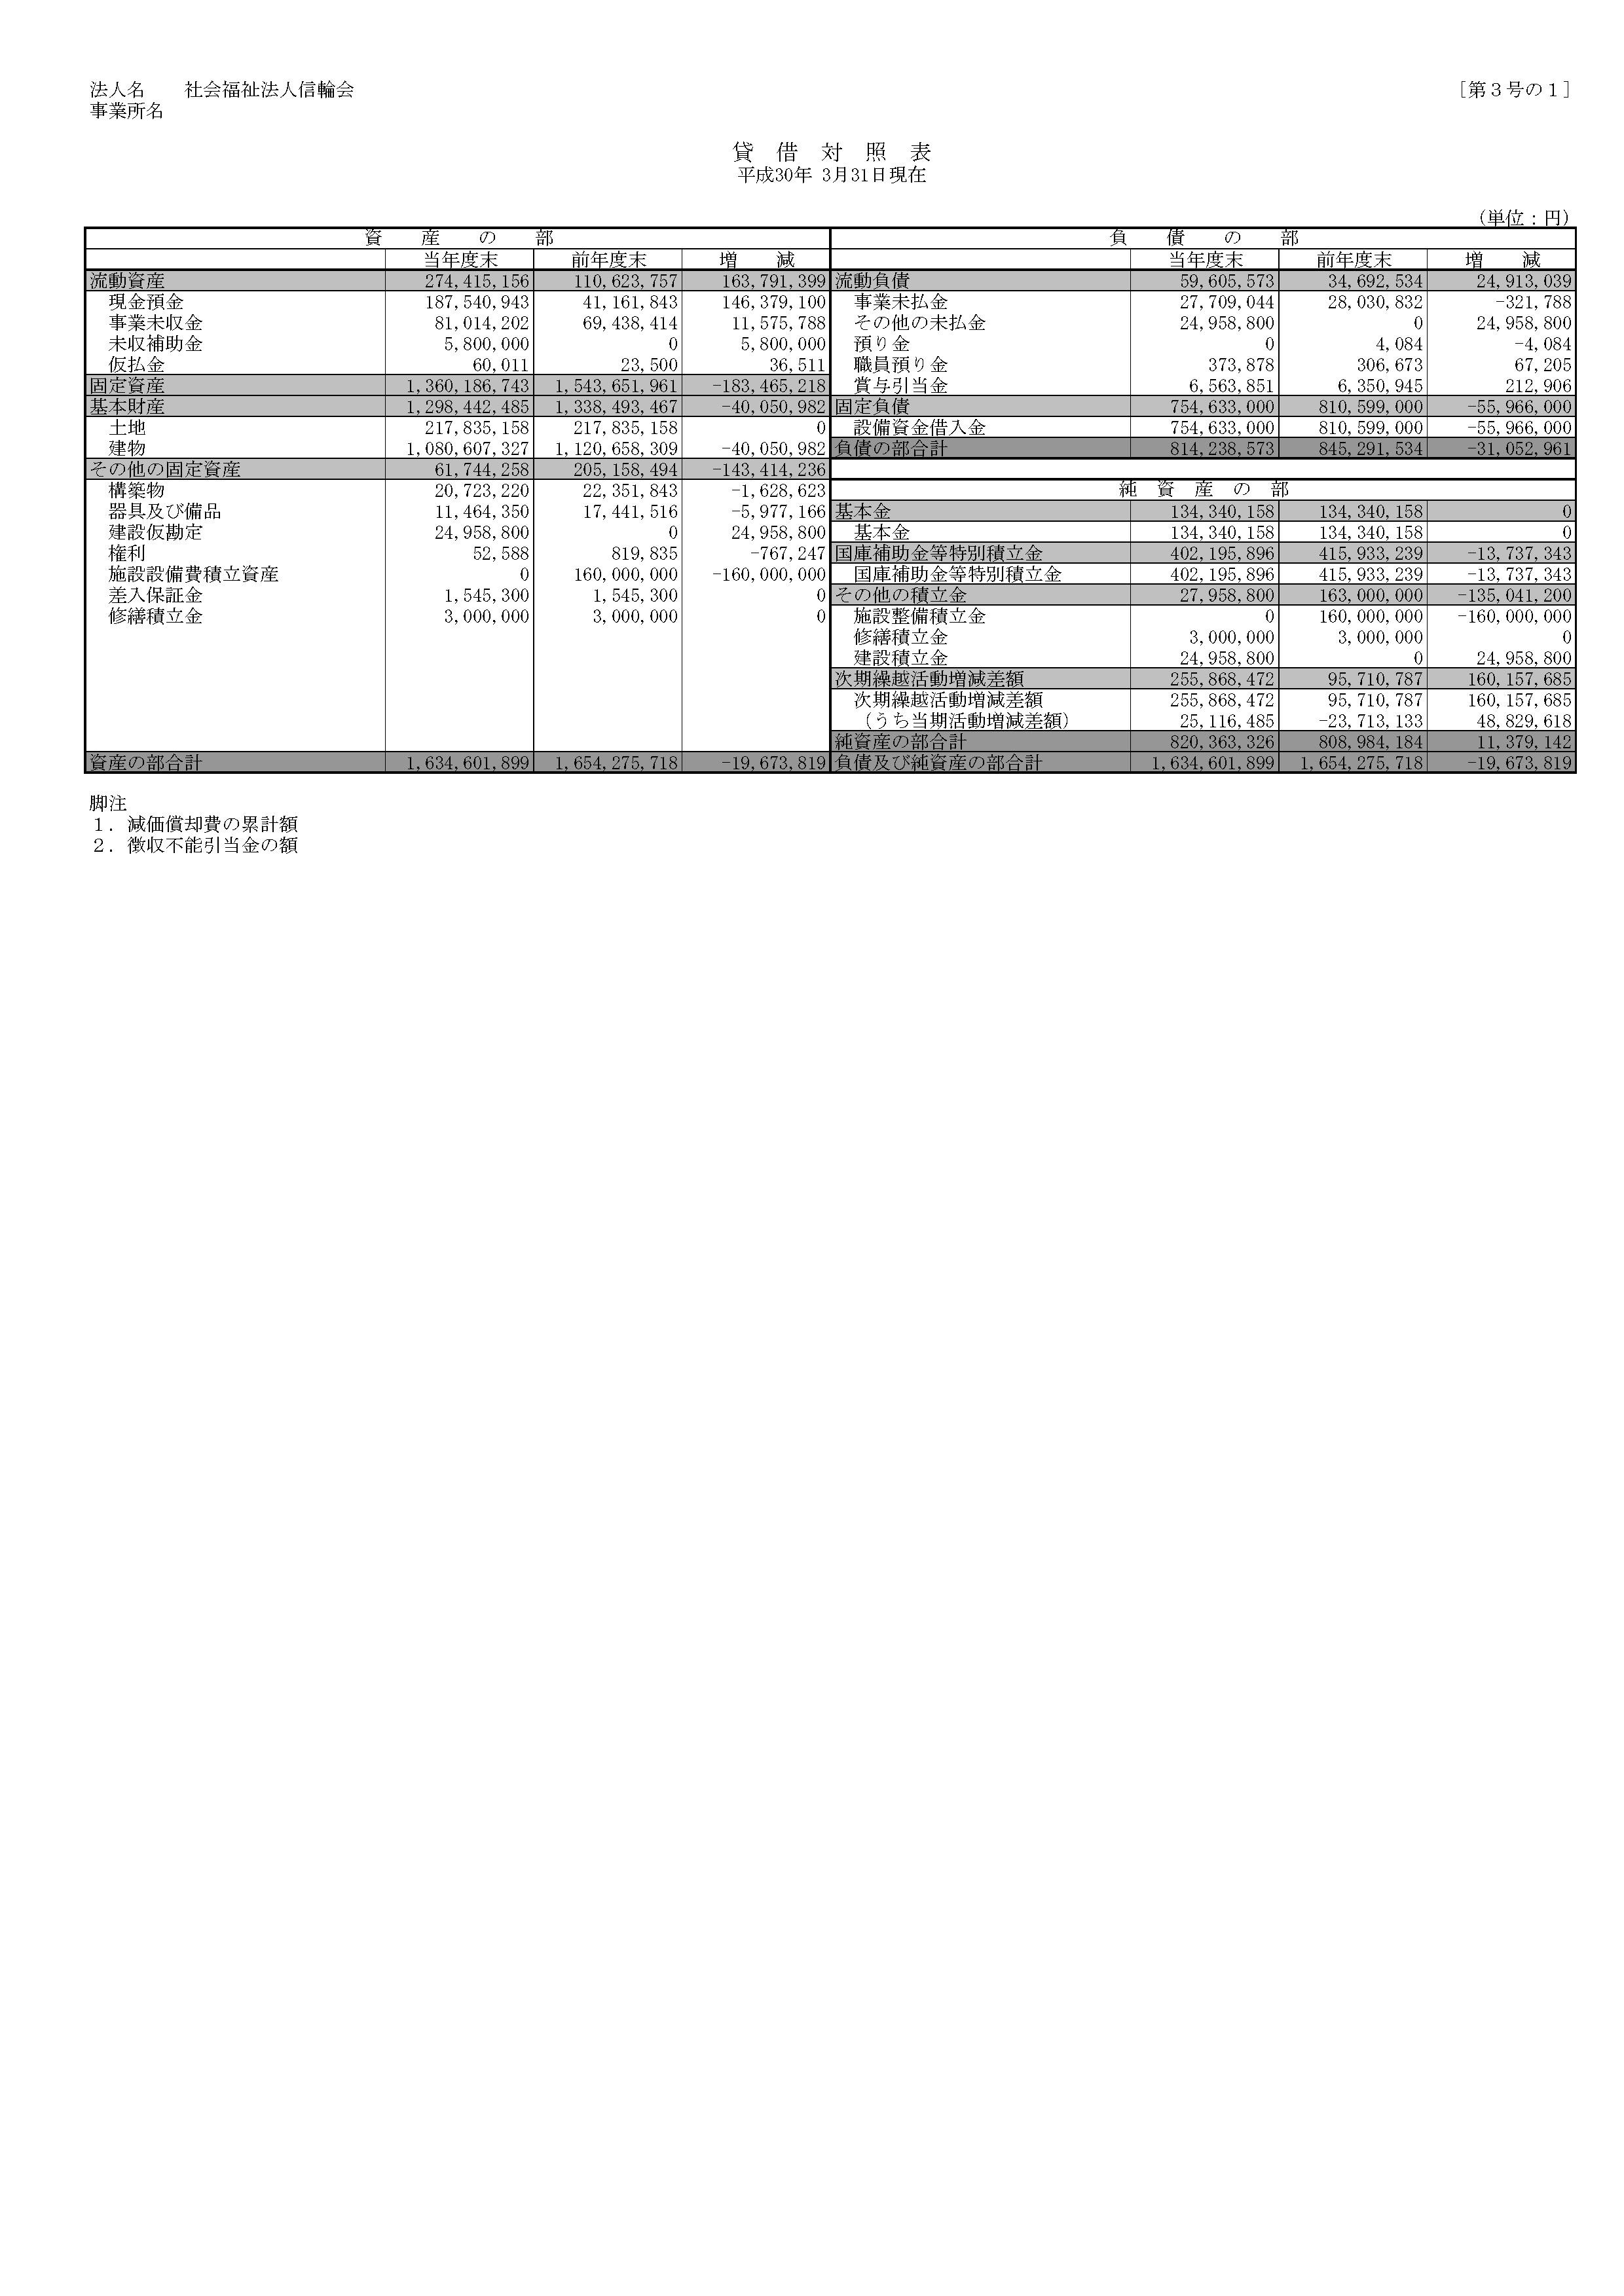 貸借対照表(平成29年)